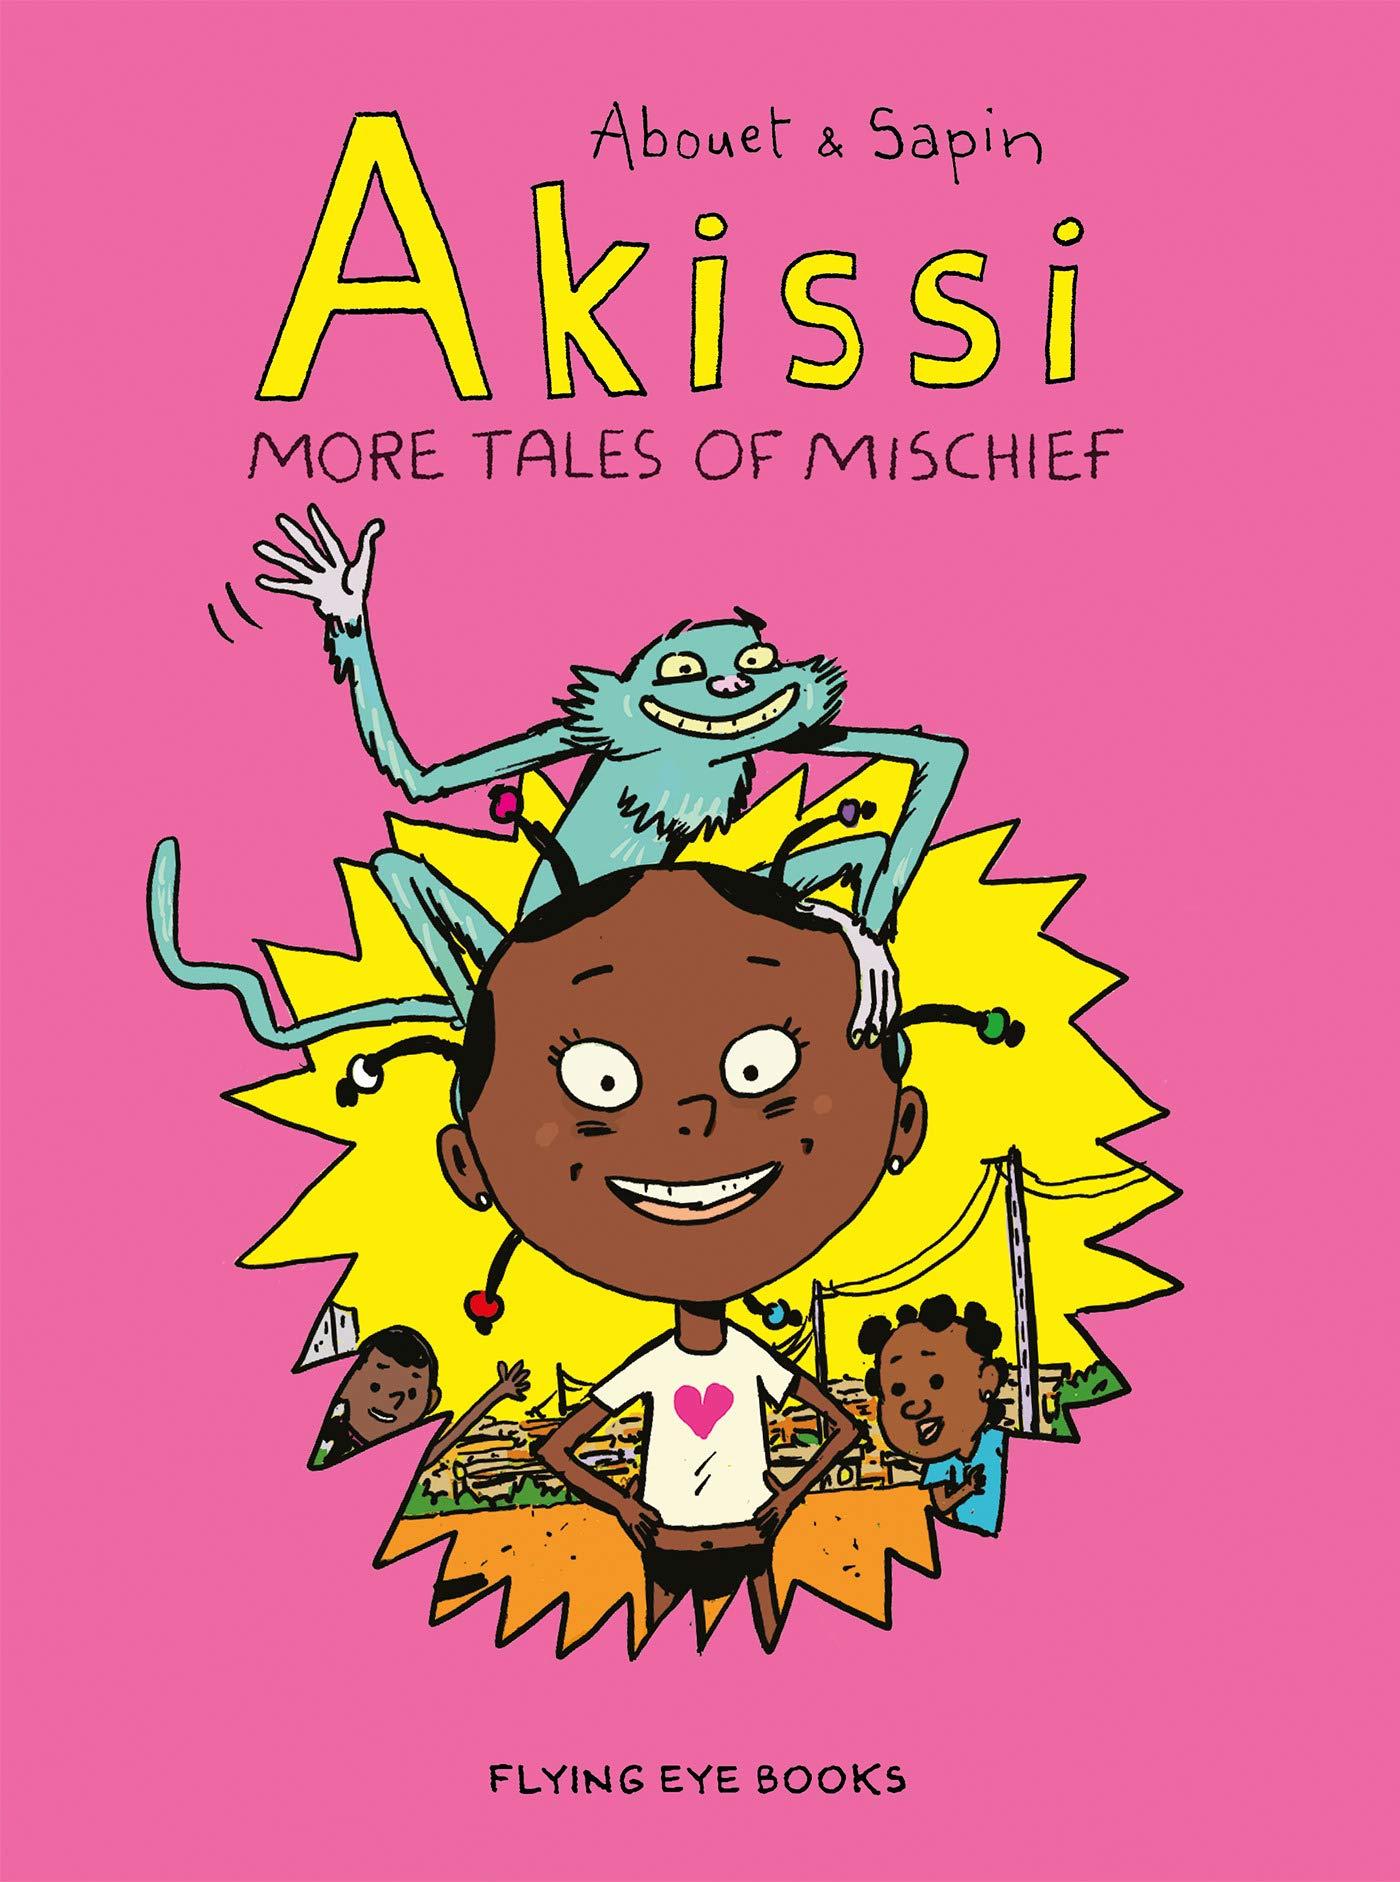 Best Comics of 2019: Akissi